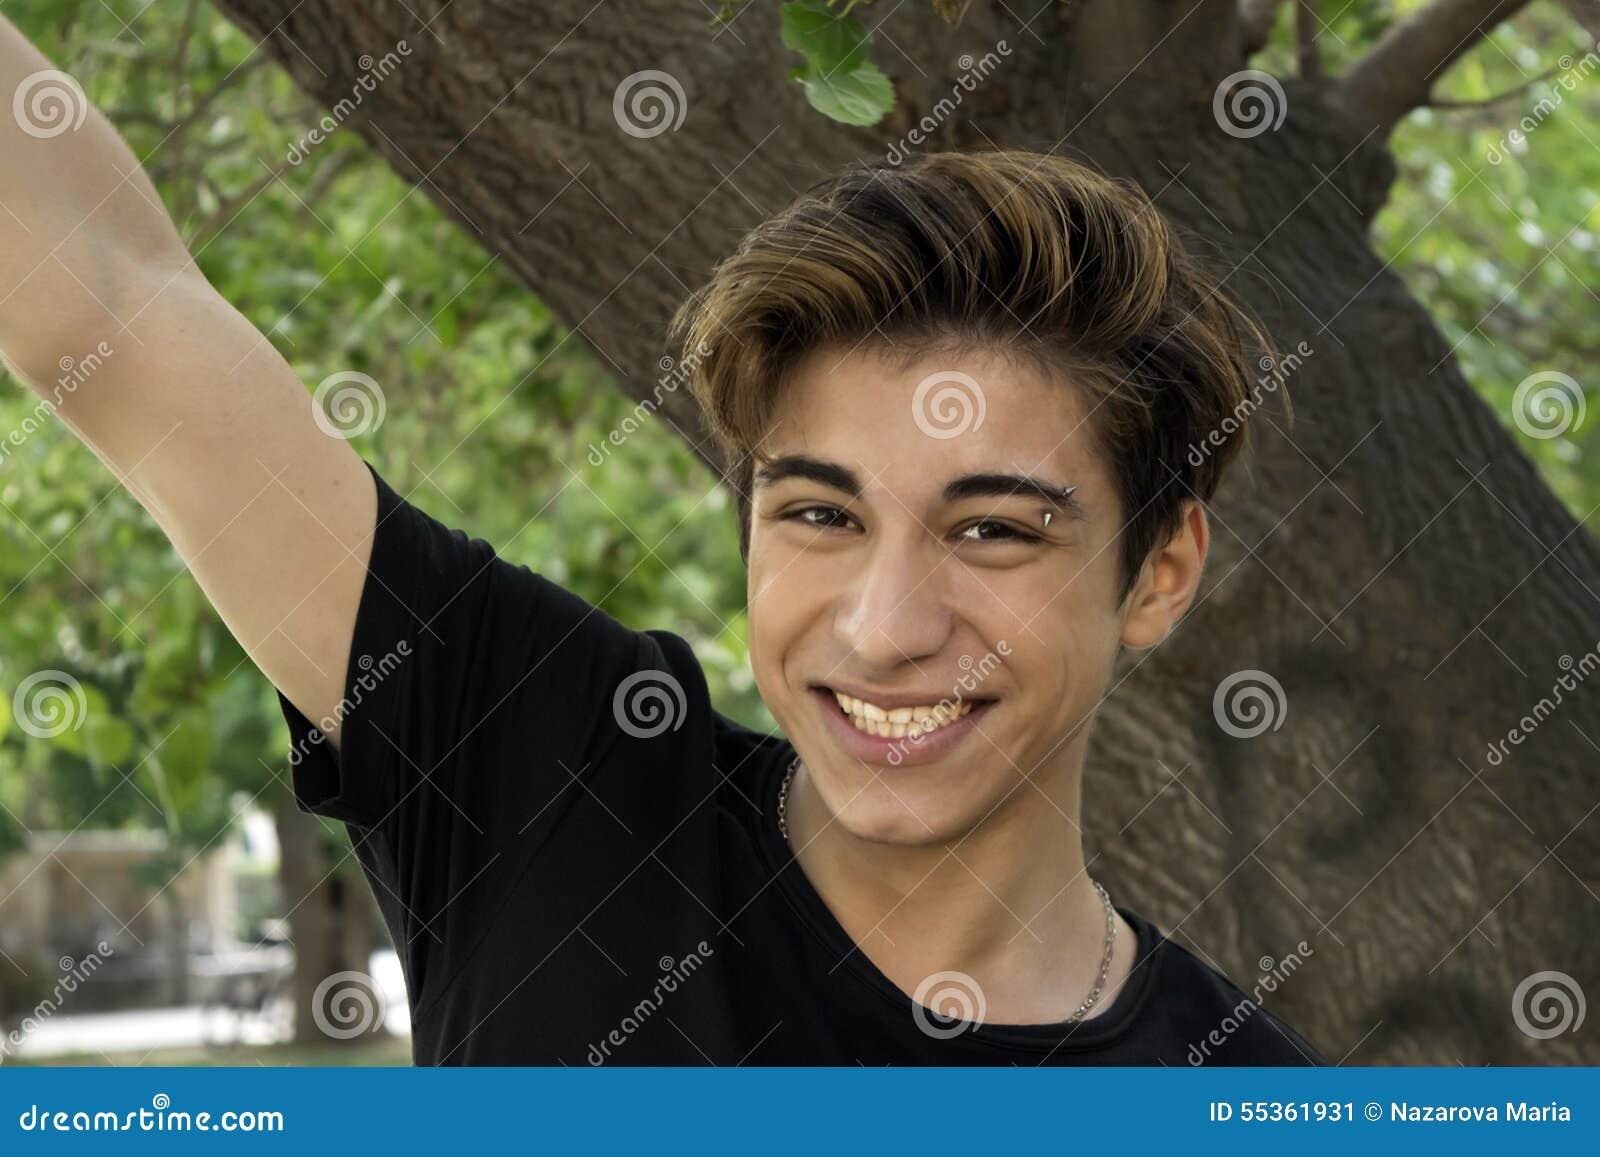 Teen Guy Stock Photo - Image: 55360970